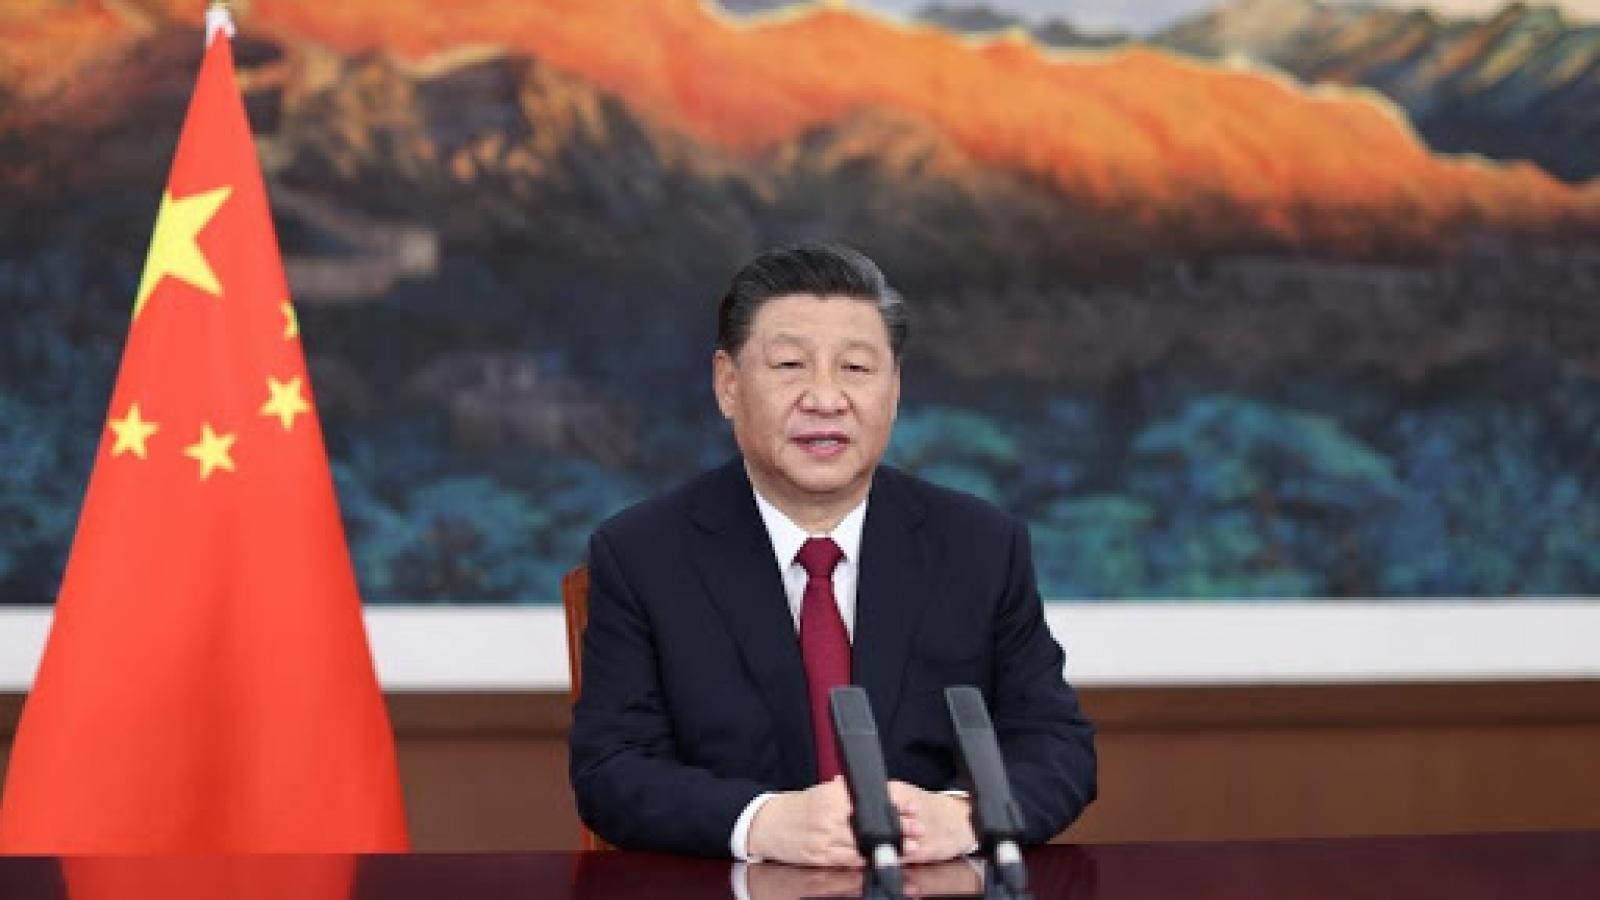 Chủ tịch Trung Quốc Tập Cận Bình sẽ dự Hội nghị thượng đỉnh về khí hậu của Mỹ